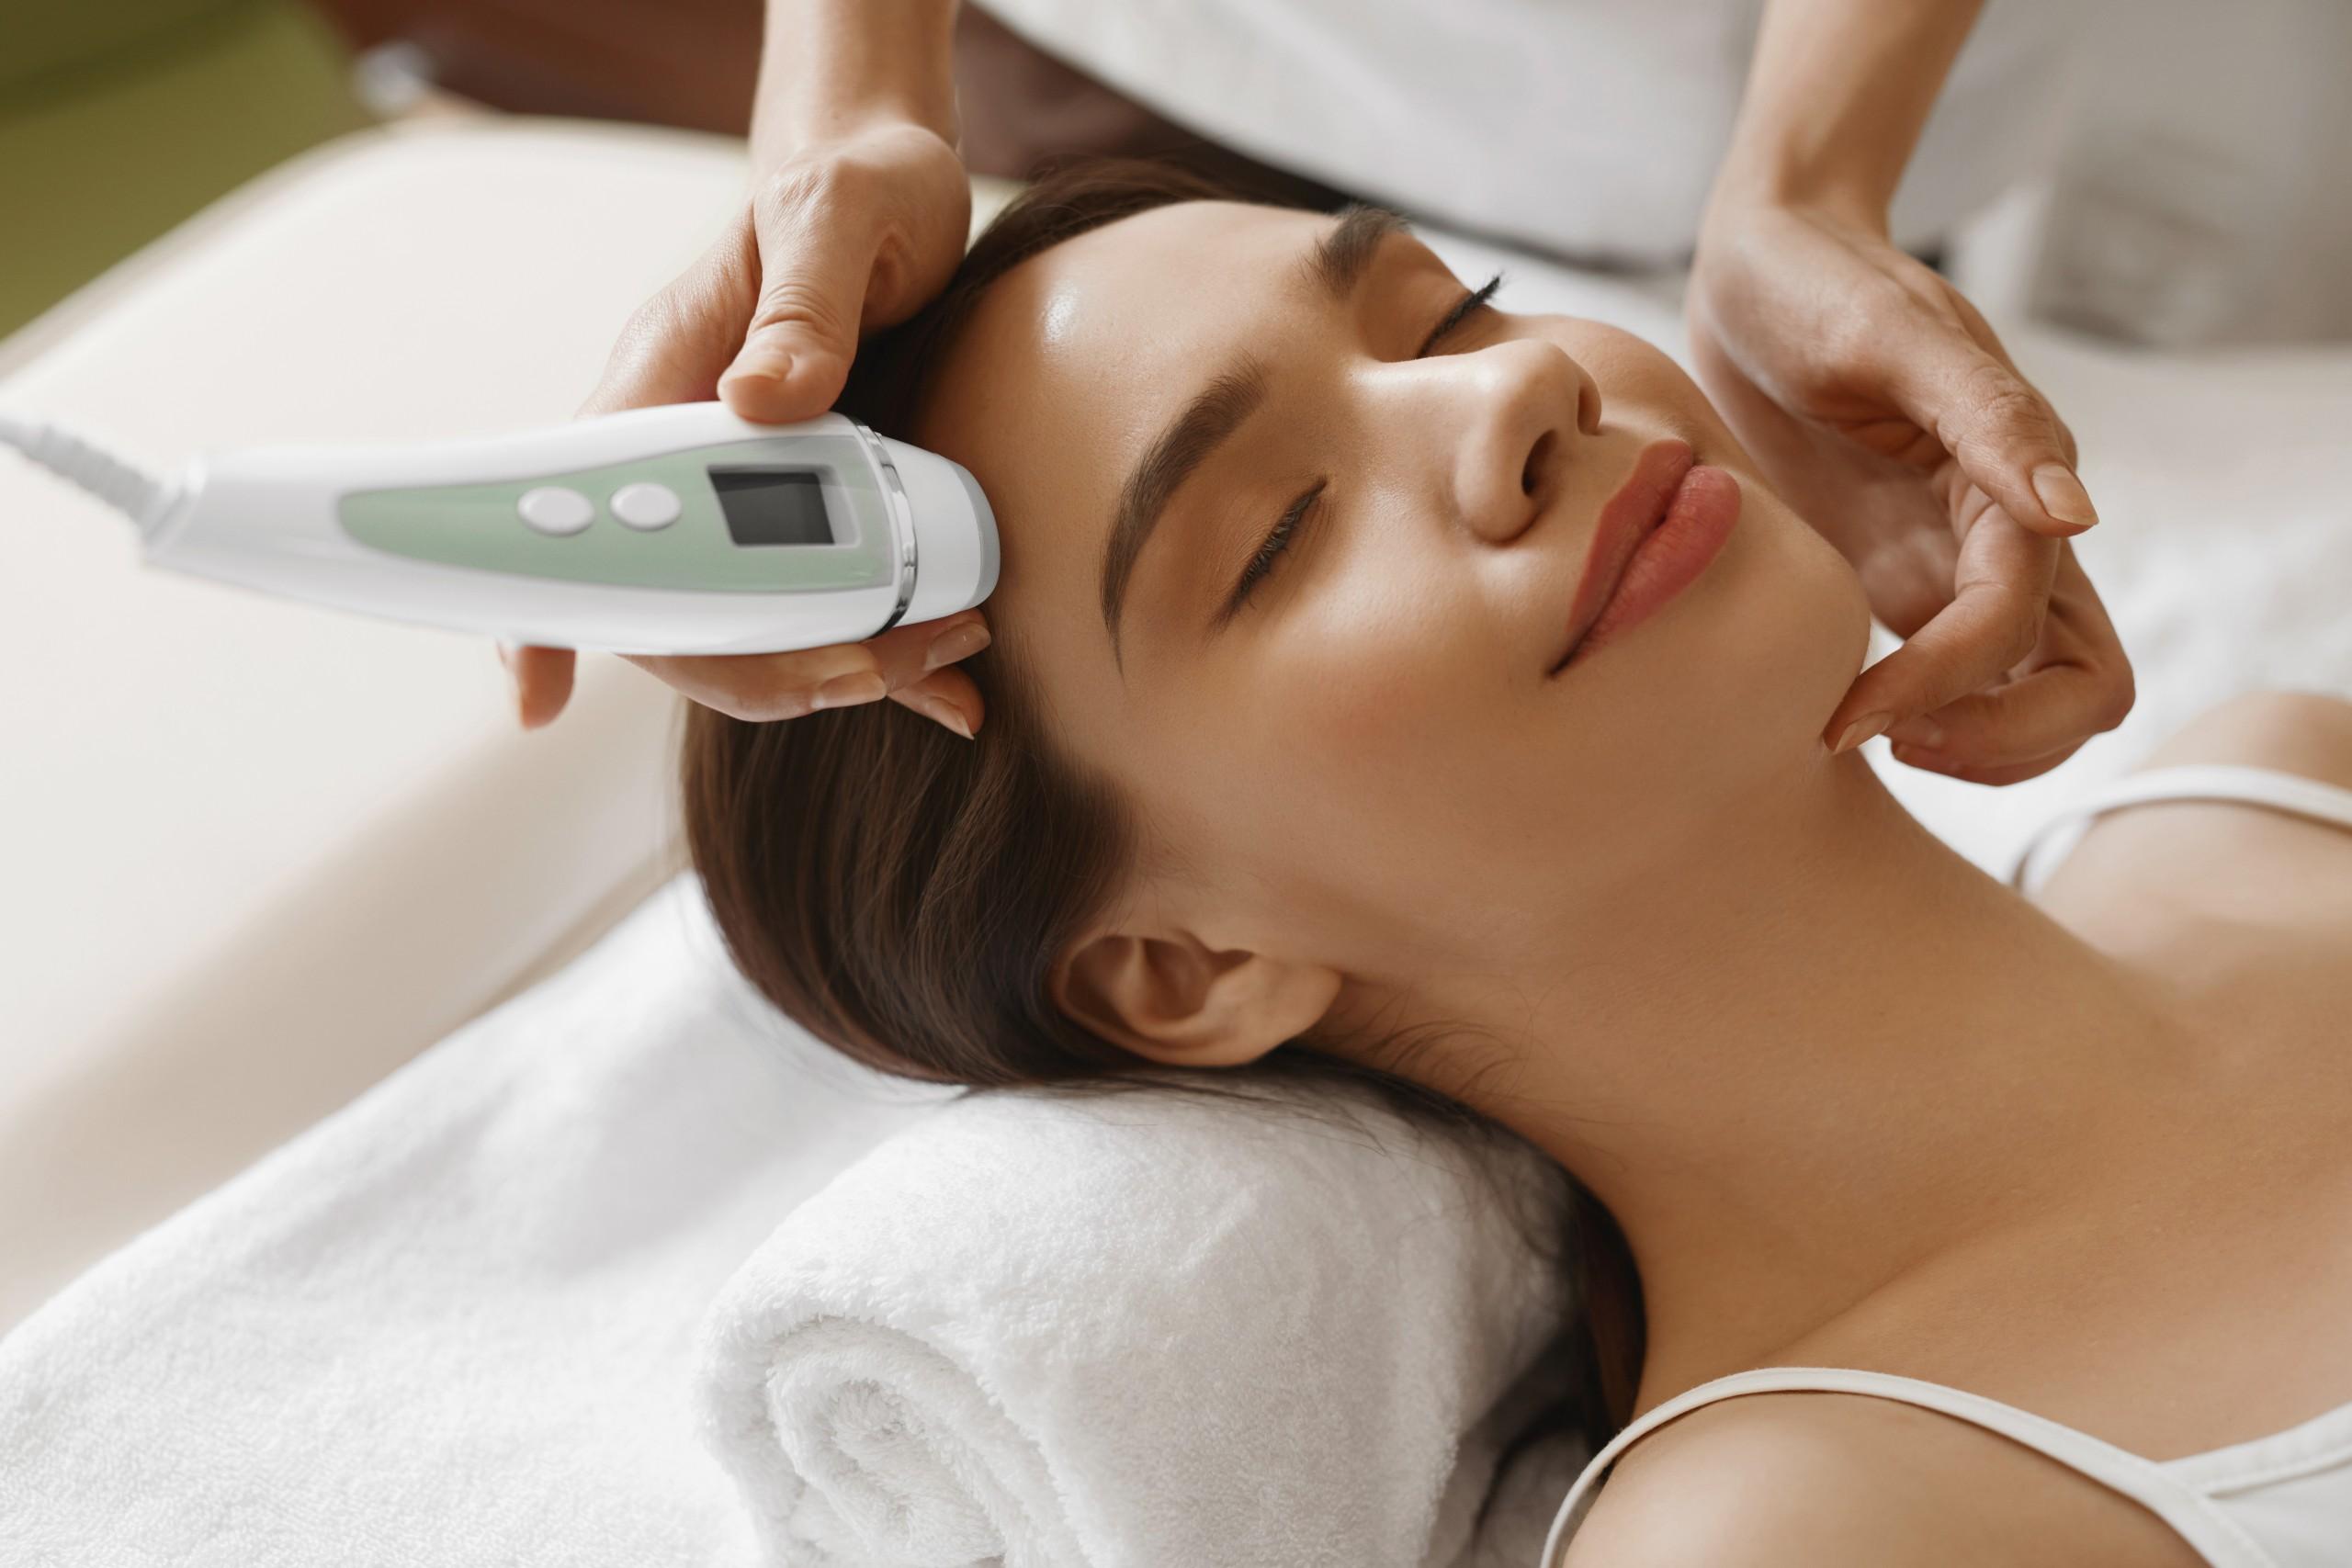 woman-recieving-facial-treatment